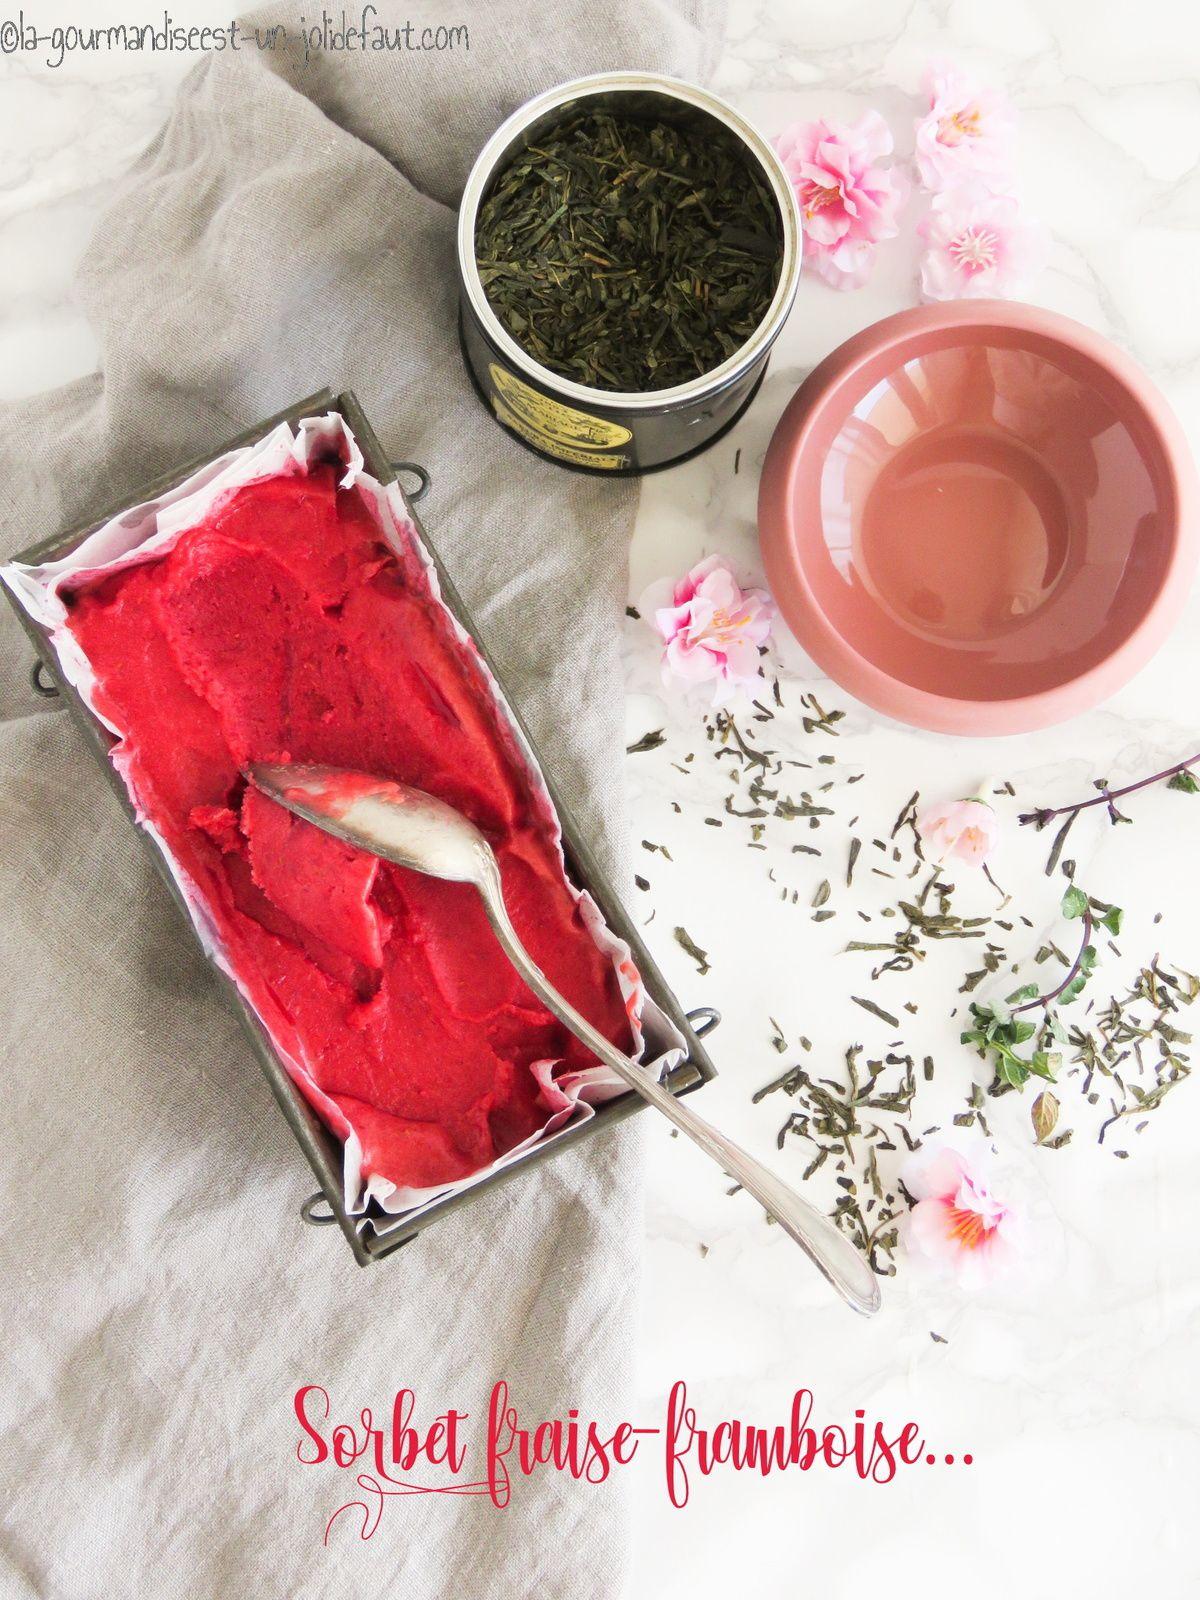 Sorbet fraise et framboise aux fleurs de cerisier et menthe poivrée